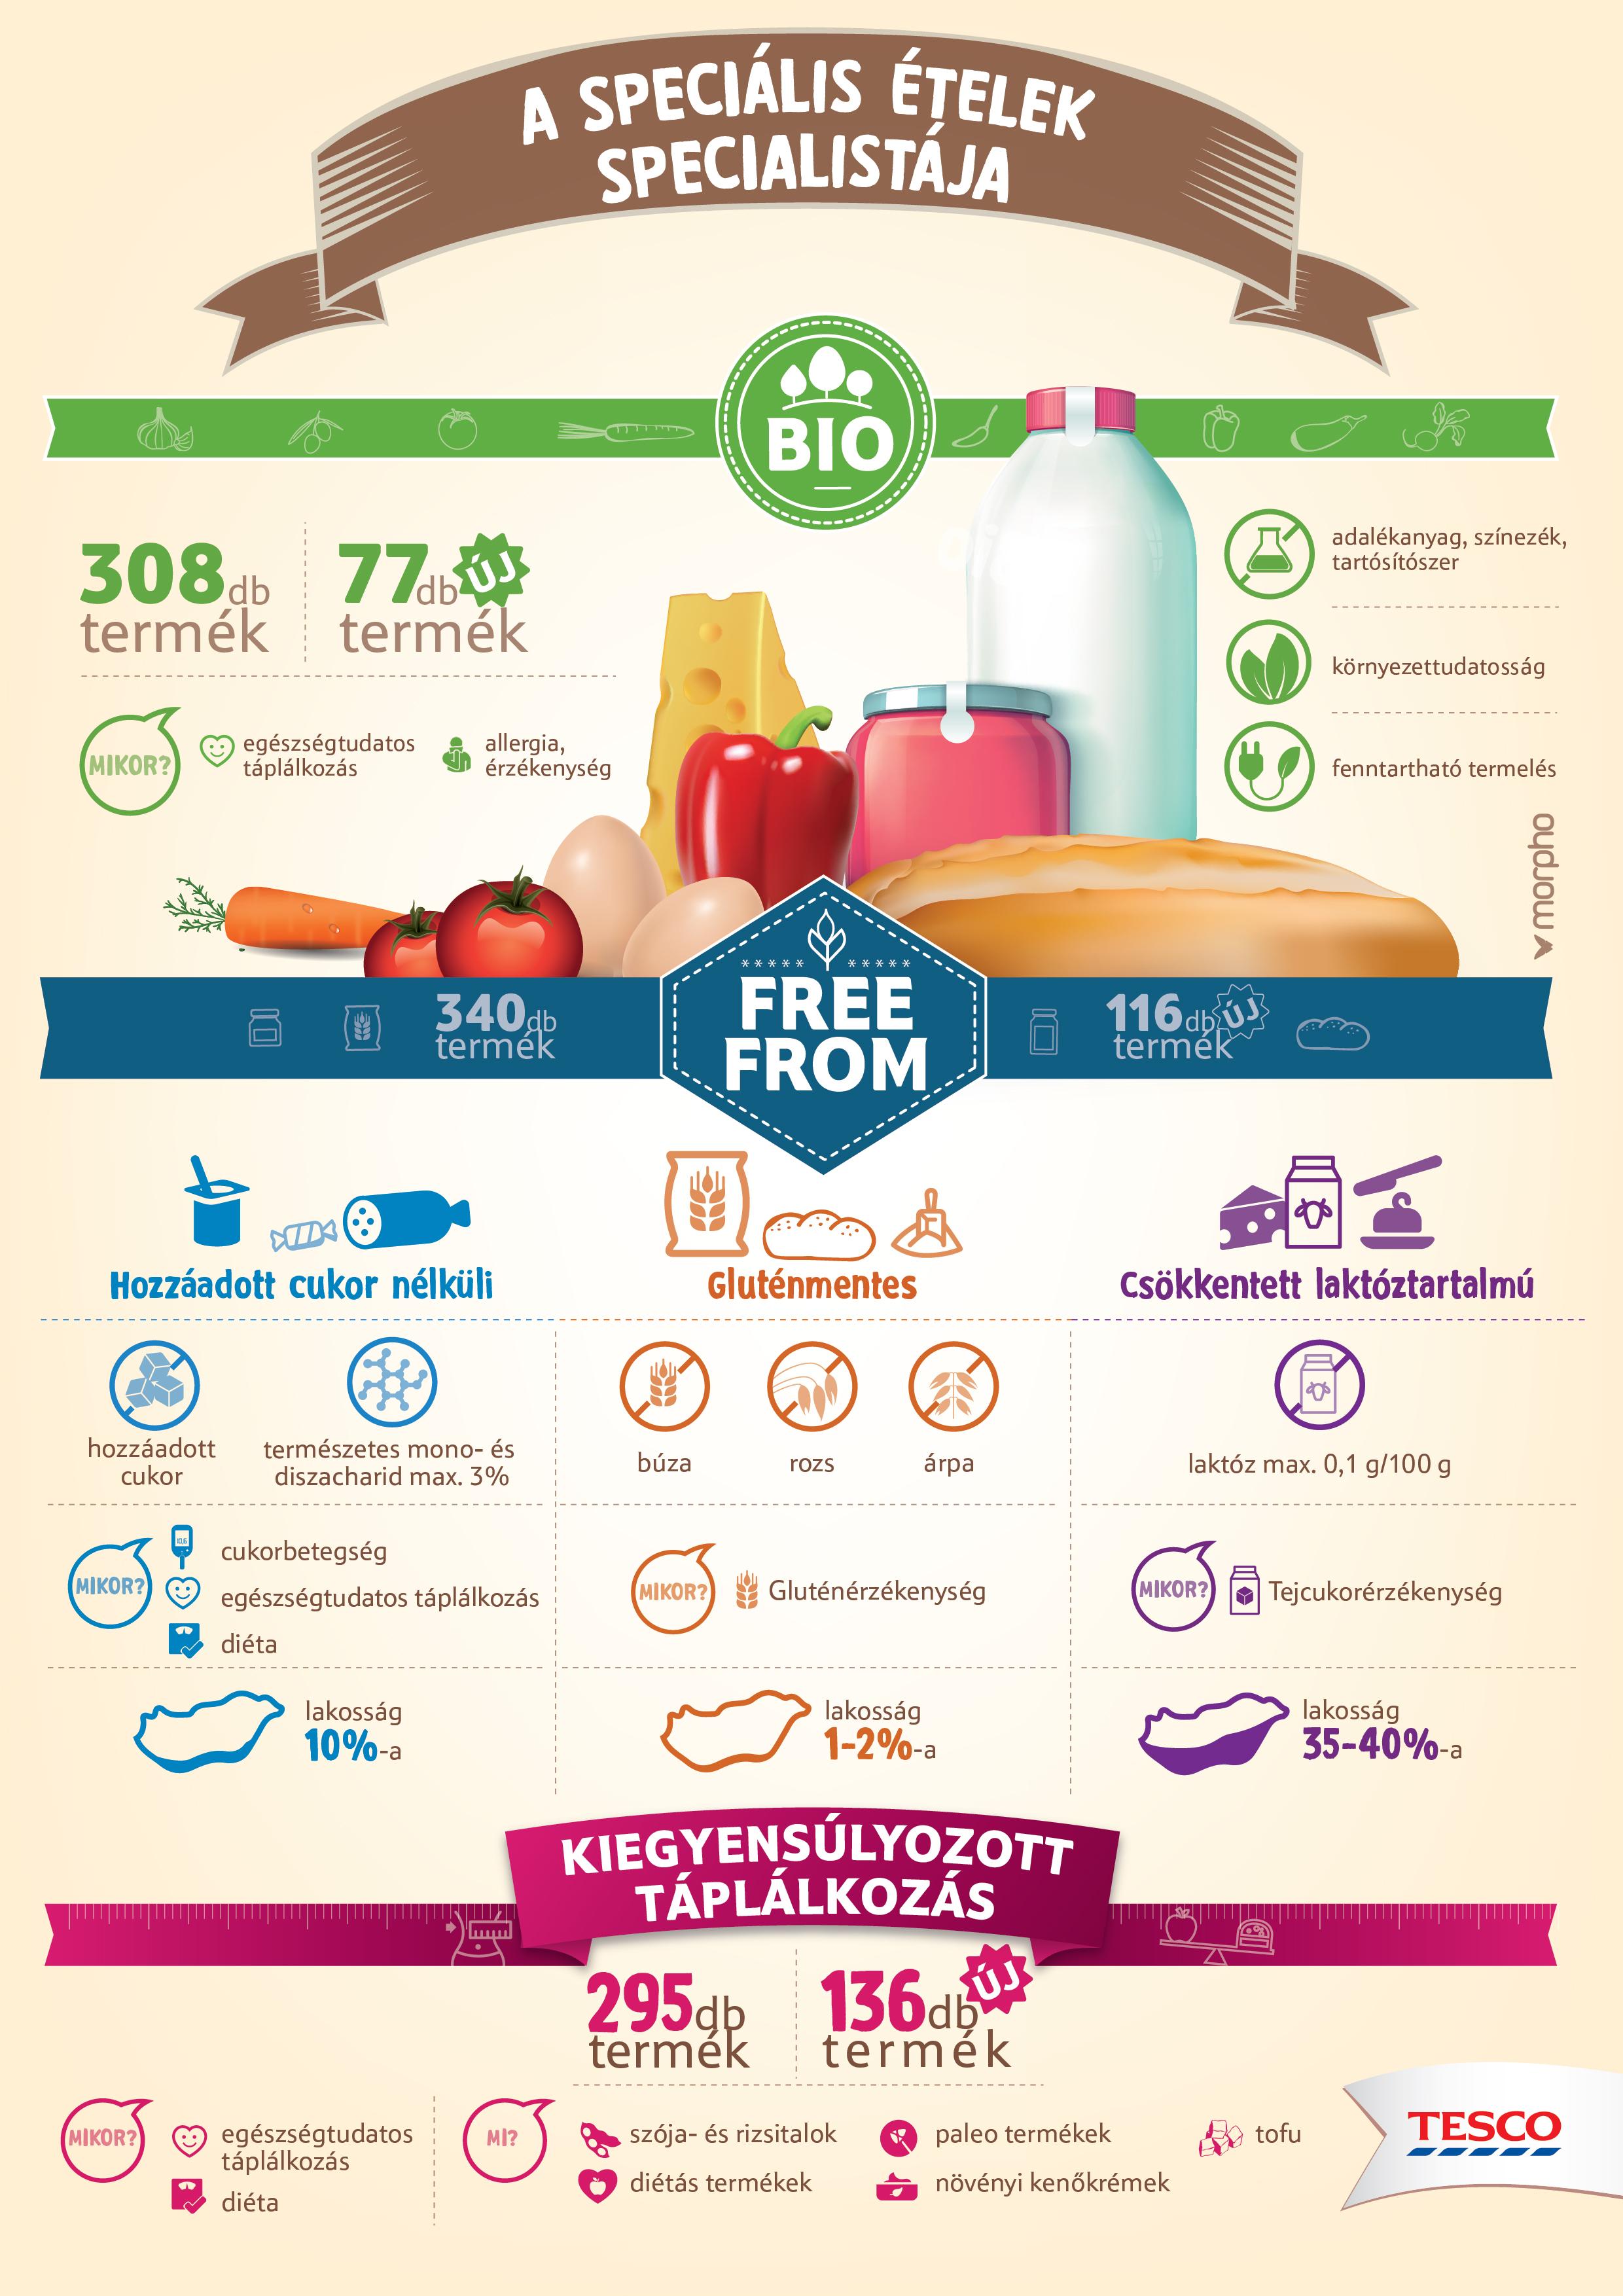 Laktózérzékenység: a tejmentes étrend nem megoldás